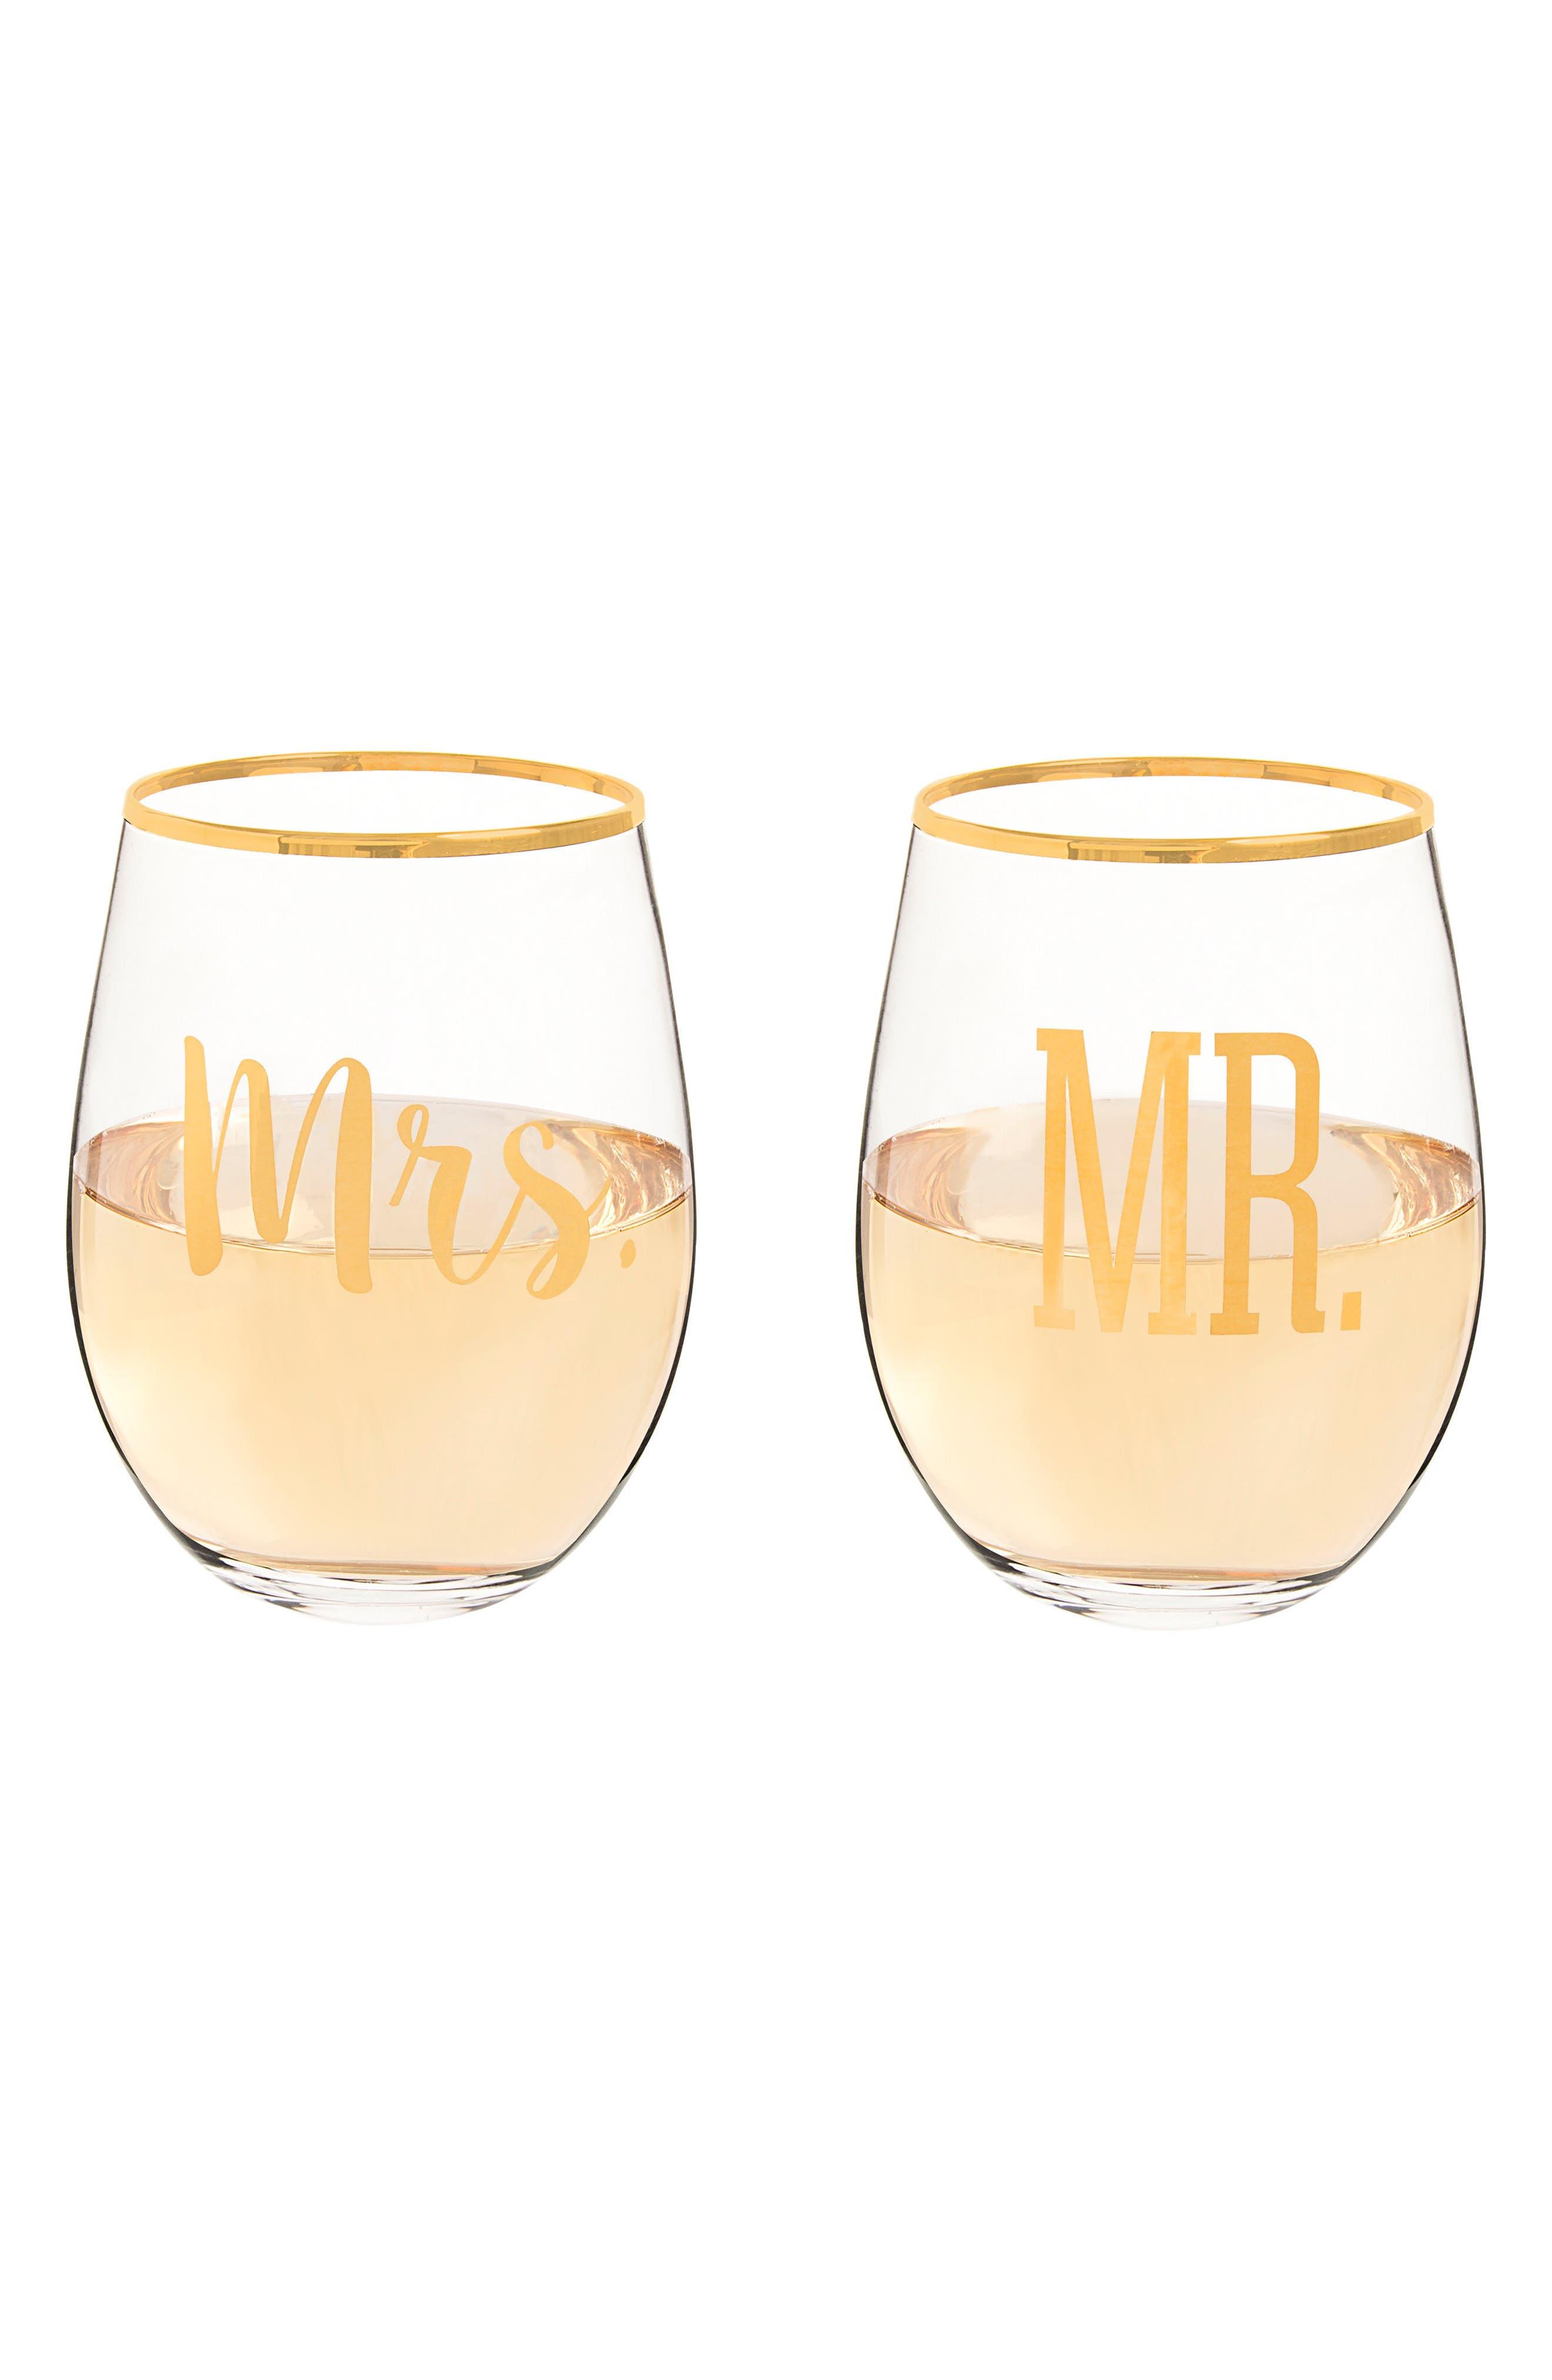 Mr. & Mrs. Set of 2 Stemless Wine Glasses,                             Alternate thumbnail 3, color,                             710